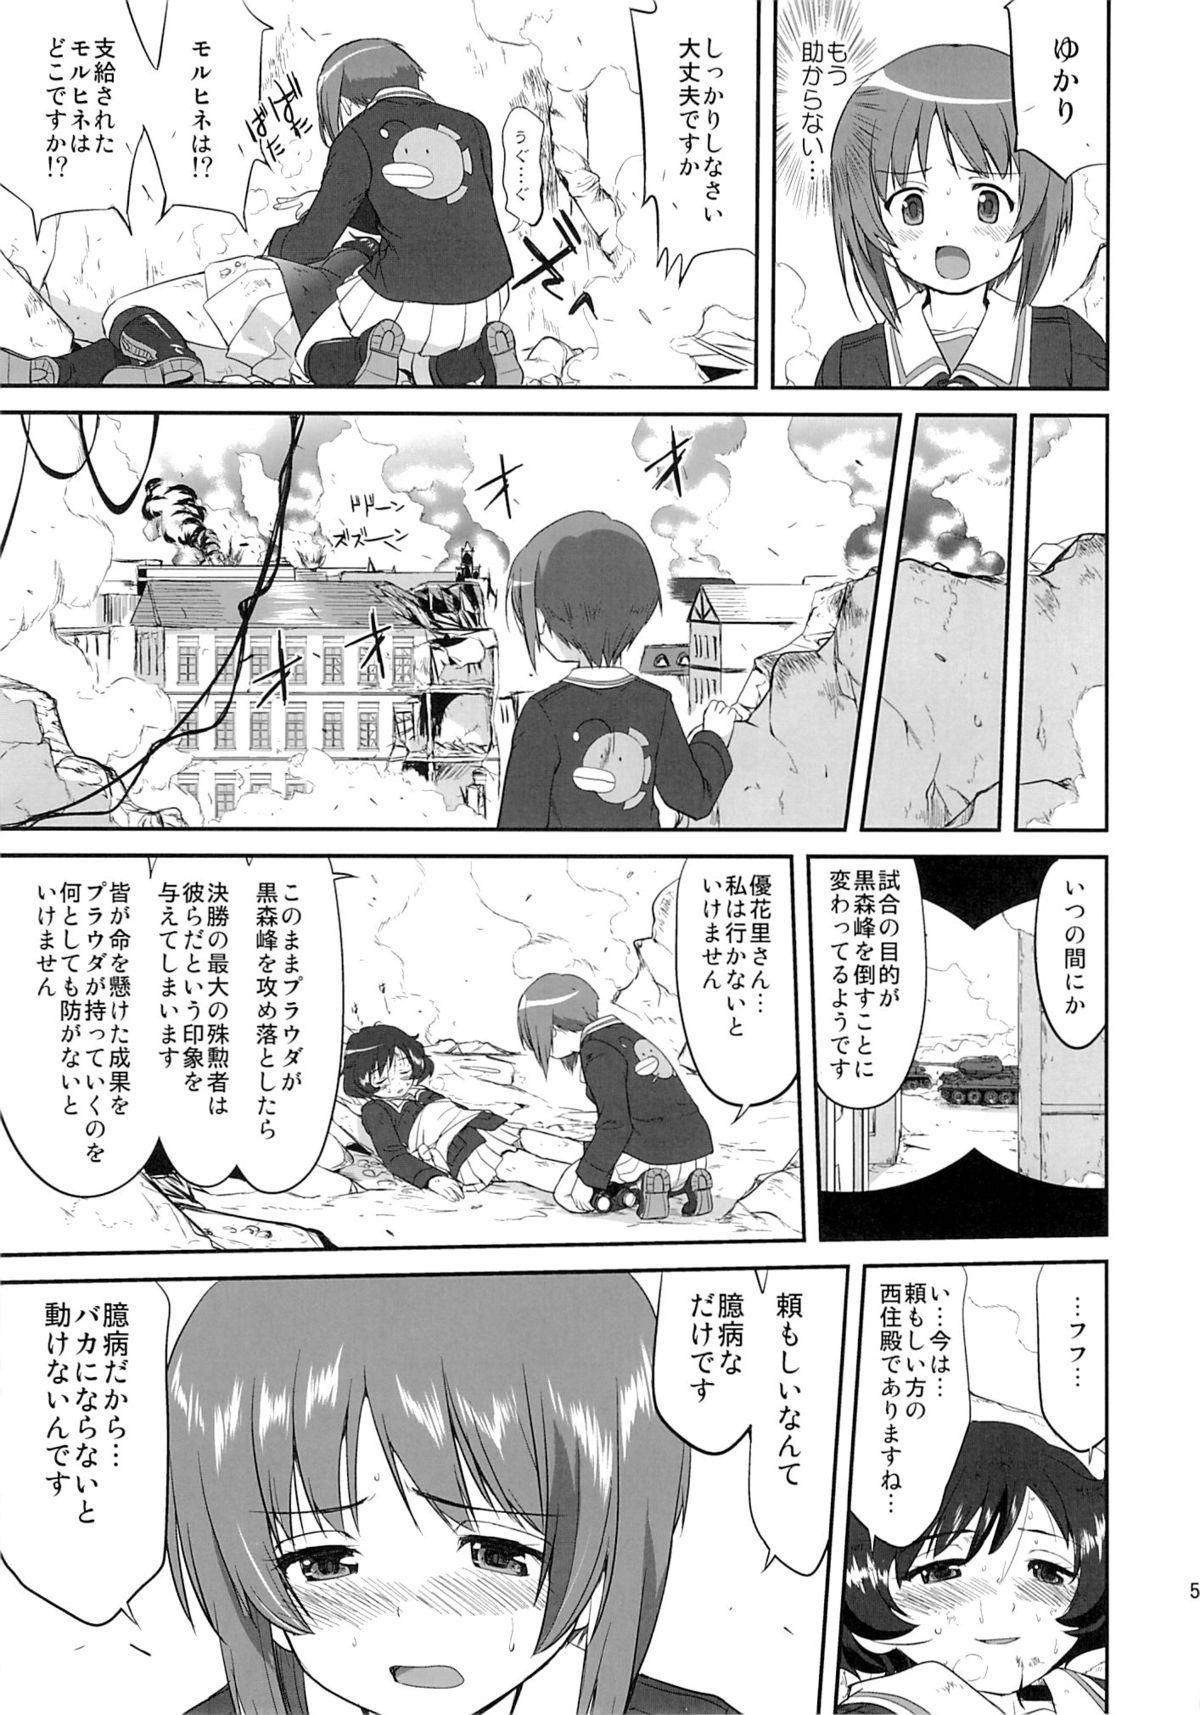 Yukiyukite Senshadou Kuromorimine no Tatakai 51